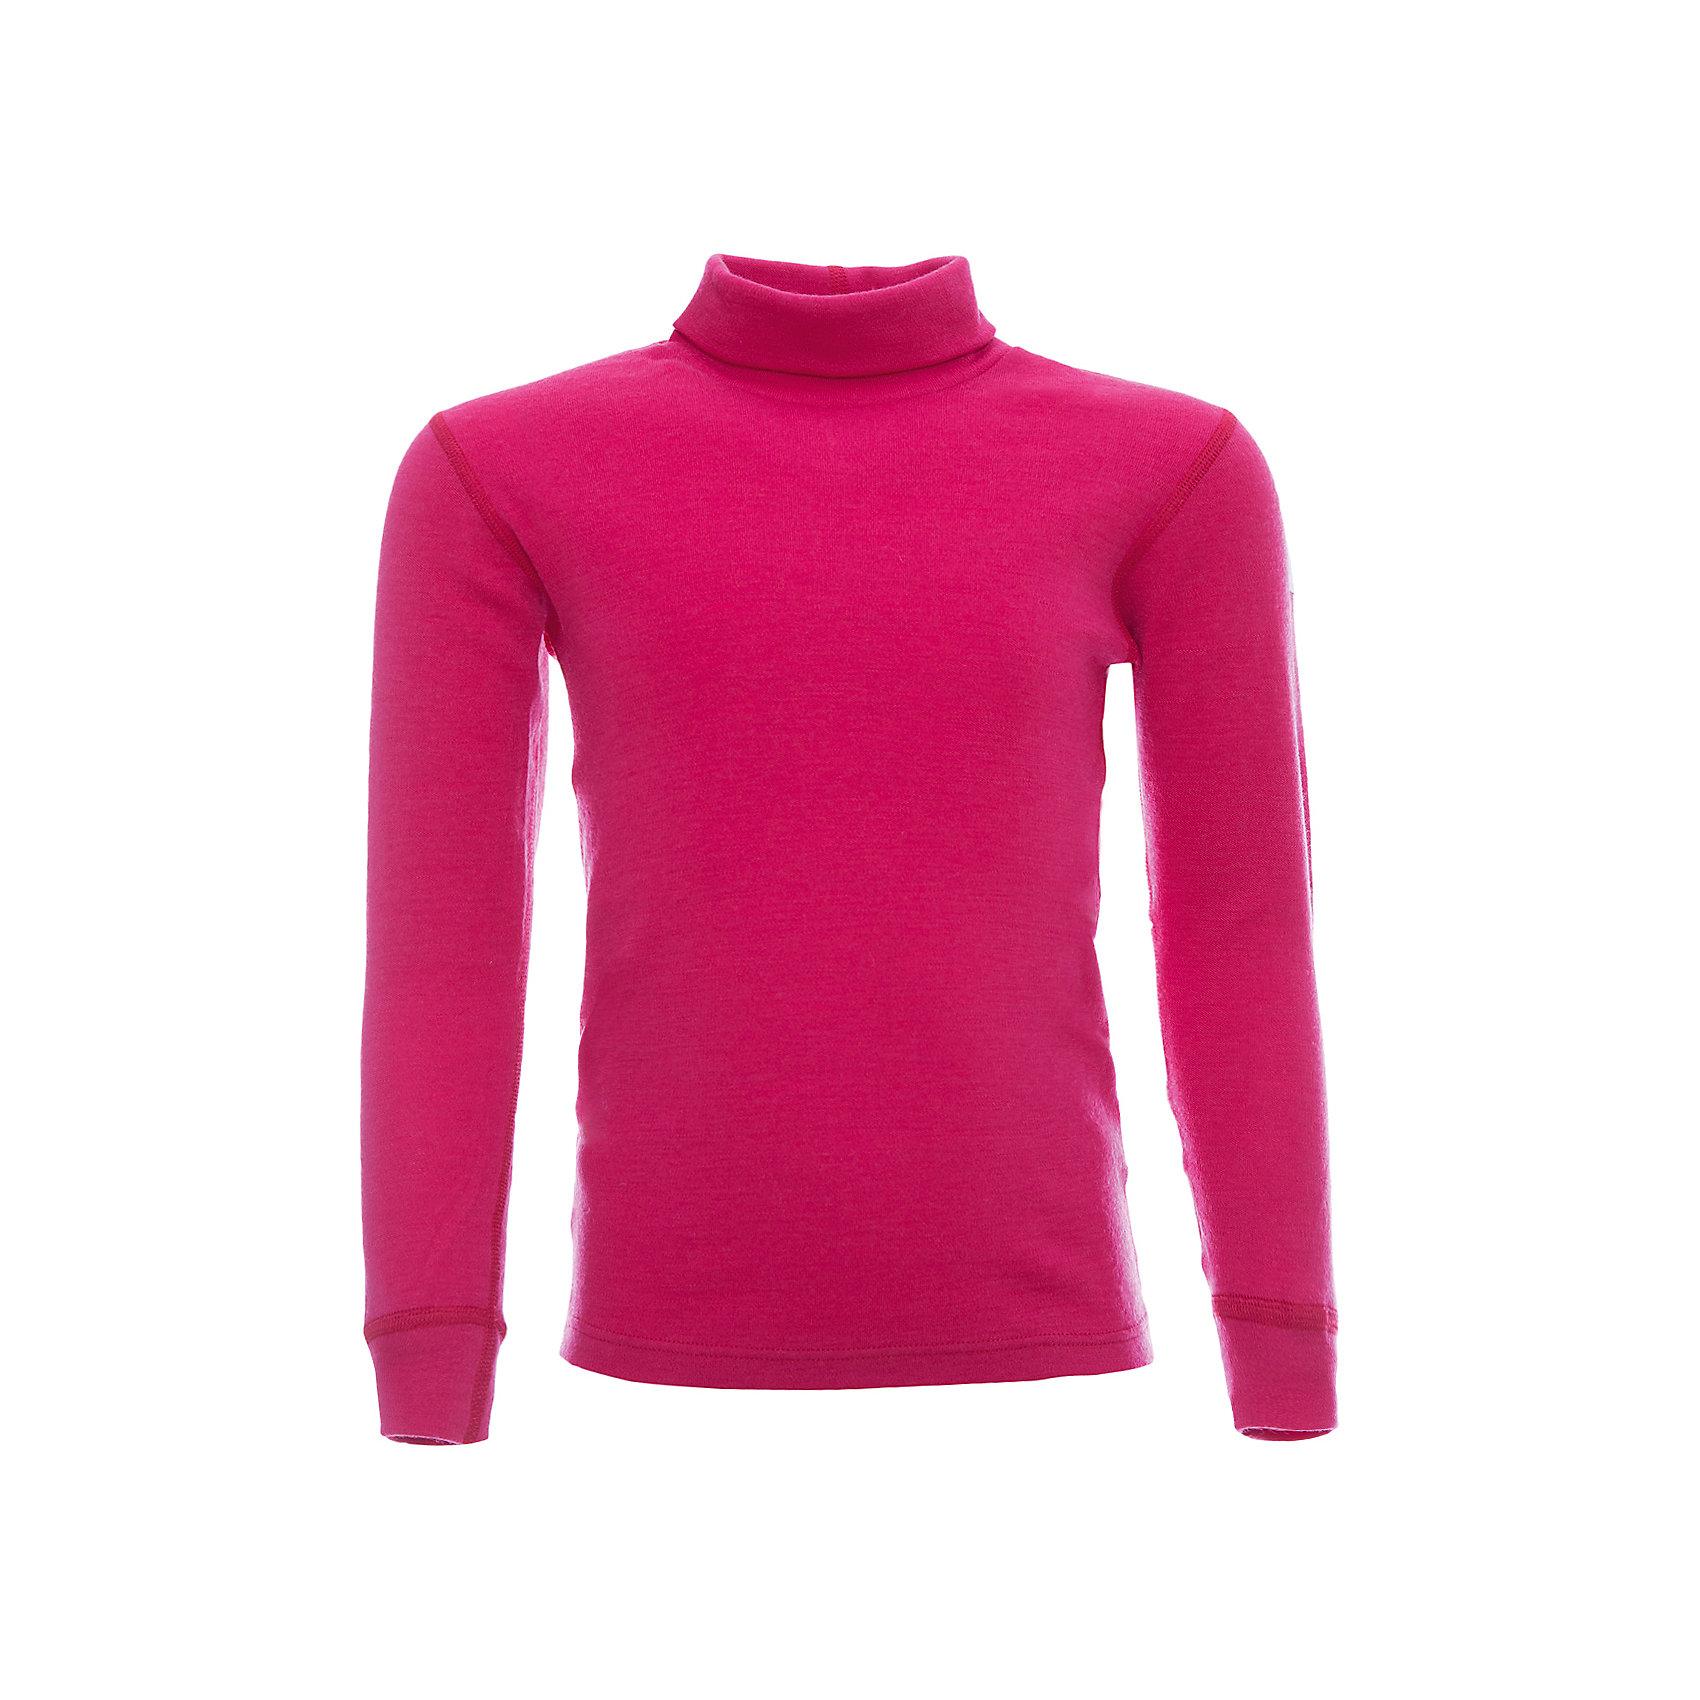 Водолазка для девочки JanusВодолазки<br>Водолазка для девочки известной марки Janus.<br><br>Ультра теплая водолазка с широкой горловиной-стойкой. Двойная плотная вязка. Надежно защищает в самые холодные дни. Можно использовать в качестве тонкого свитера для повседневной носки. 100% шерсть мериноса  выводит избыточную влагу и обеспечивает отличную терморегуляцию.<br><br>Состав: 100% шерсть мериноса<br><br>Ширина мм: 190<br>Глубина мм: 74<br>Высота мм: 229<br>Вес г: 236<br>Цвет: розовый<br>Возраст от месяцев: 96<br>Возраст до месяцев: 108<br>Пол: Женский<br>Возраст: Детский<br>Размер: 130,140,100,90,110,120<br>SKU: 4914069